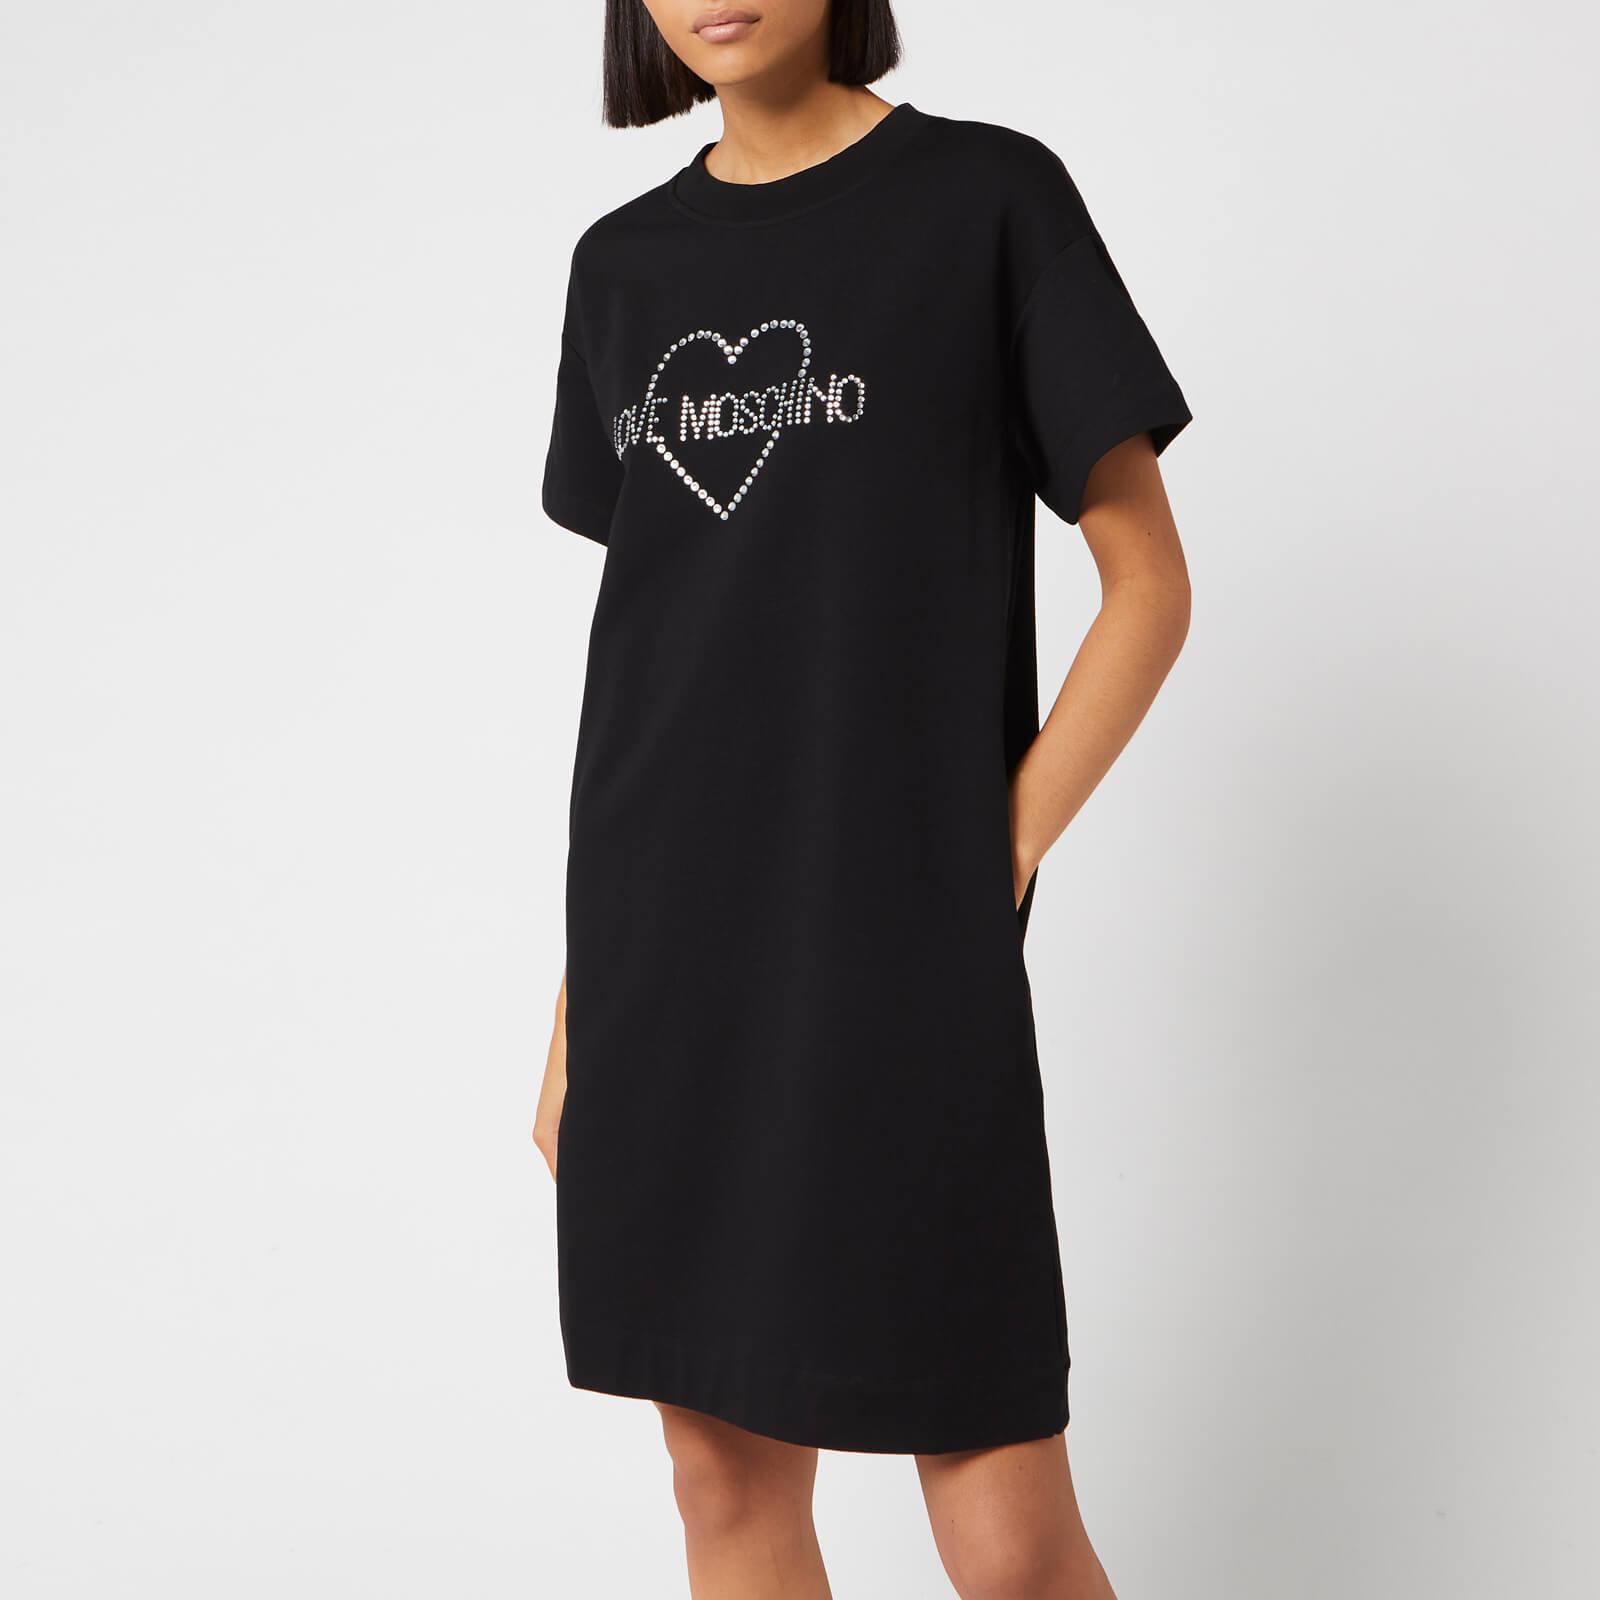 Moschino Love Moschino Women's Logo T-Shirt Dress - Black - IT 38/UK 6 - Black